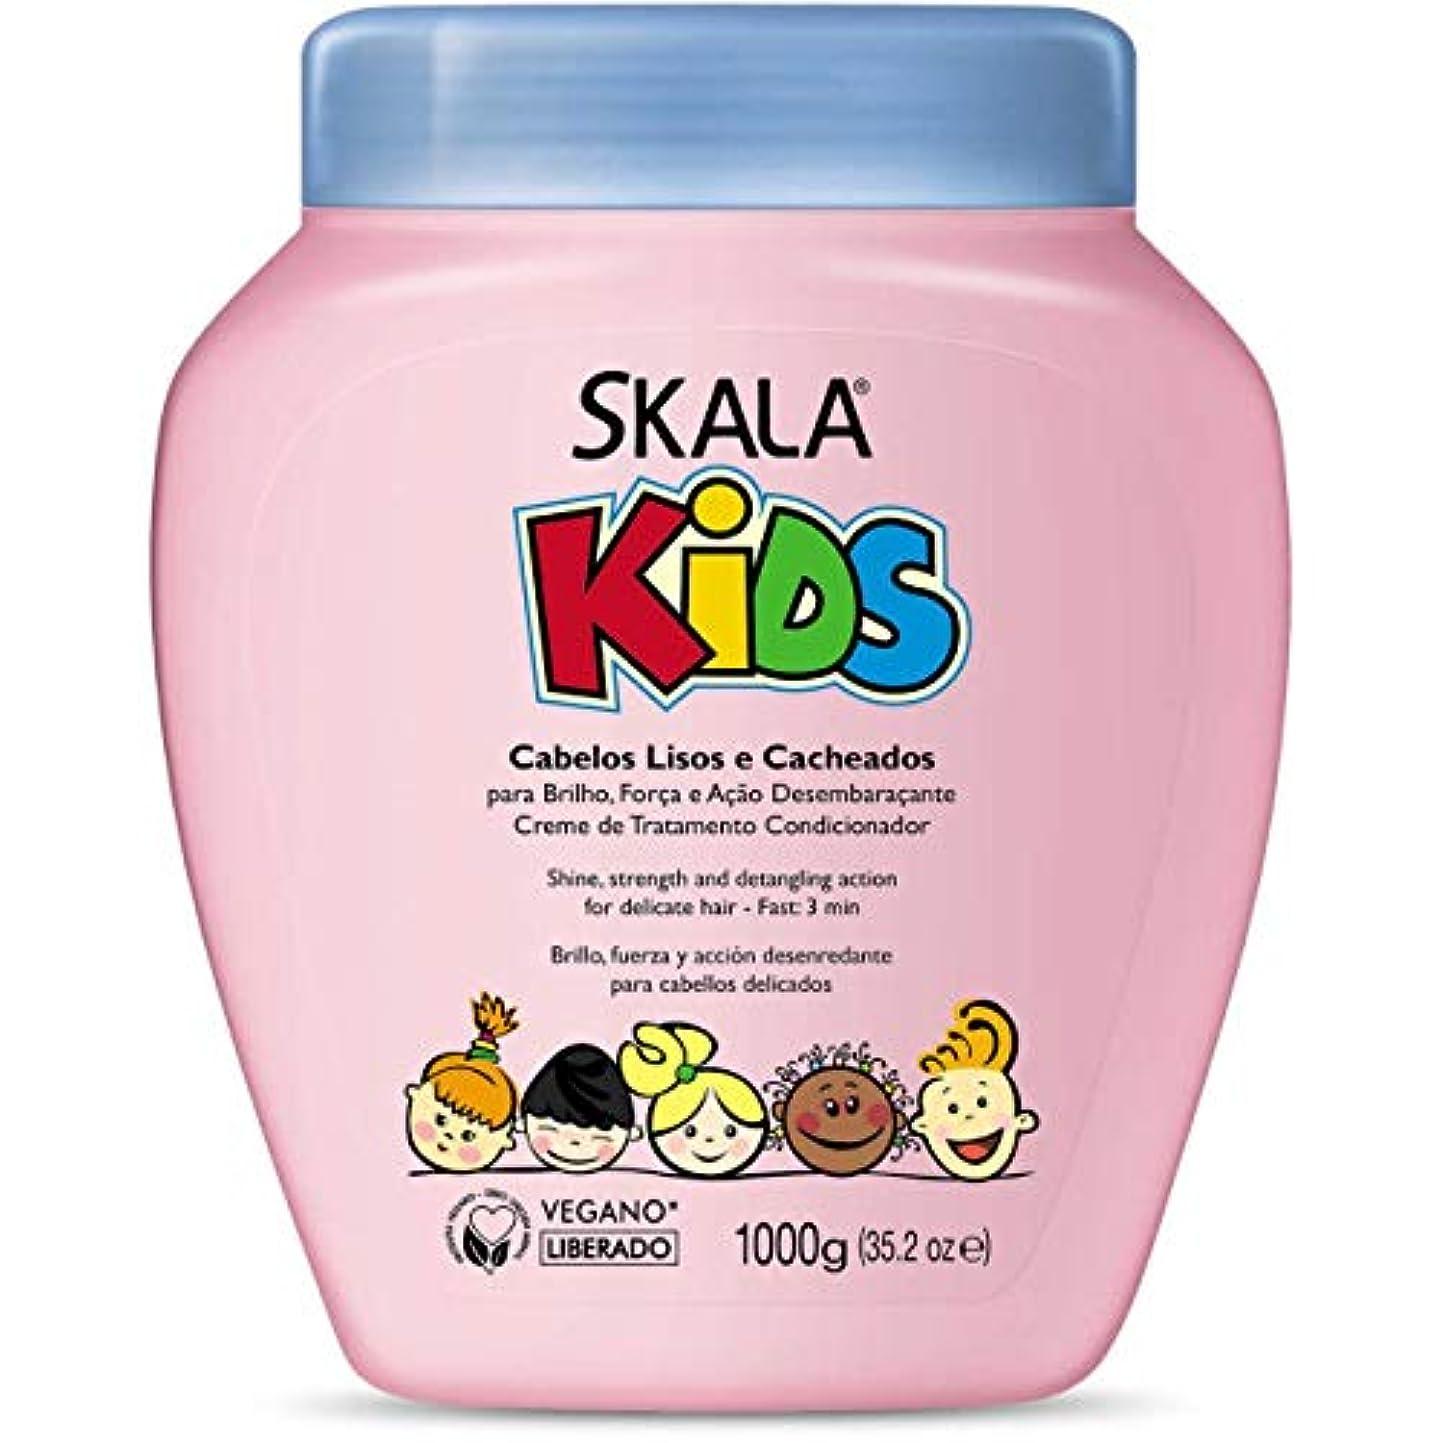 悪性腫瘍要求するグレードSkala Expert Divino Pot?o スカラ エクスパート カーリーヘア用 2イン1トリートメントクリーム 1000g